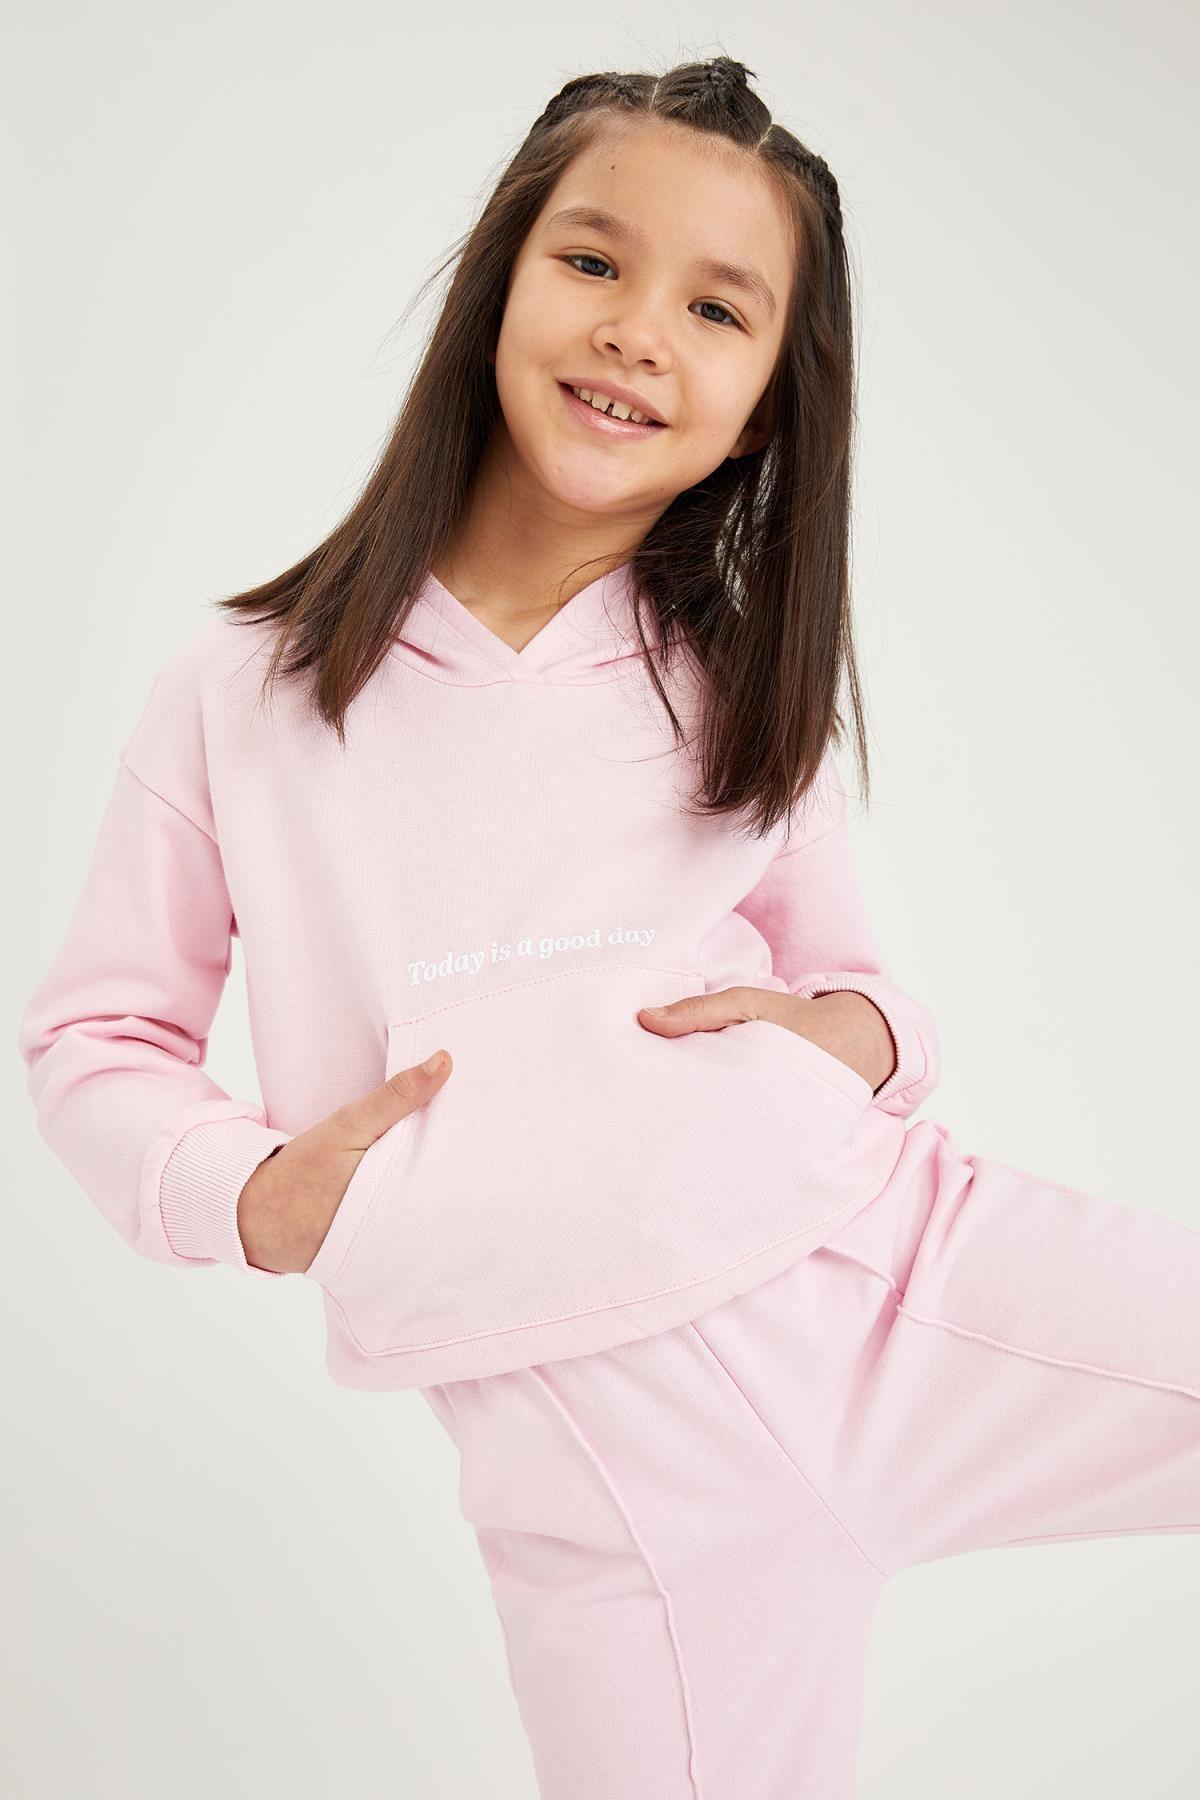 خرید انلاین سویشرت طرح دار برند دفاکتو رنگ صورتی ty75520757